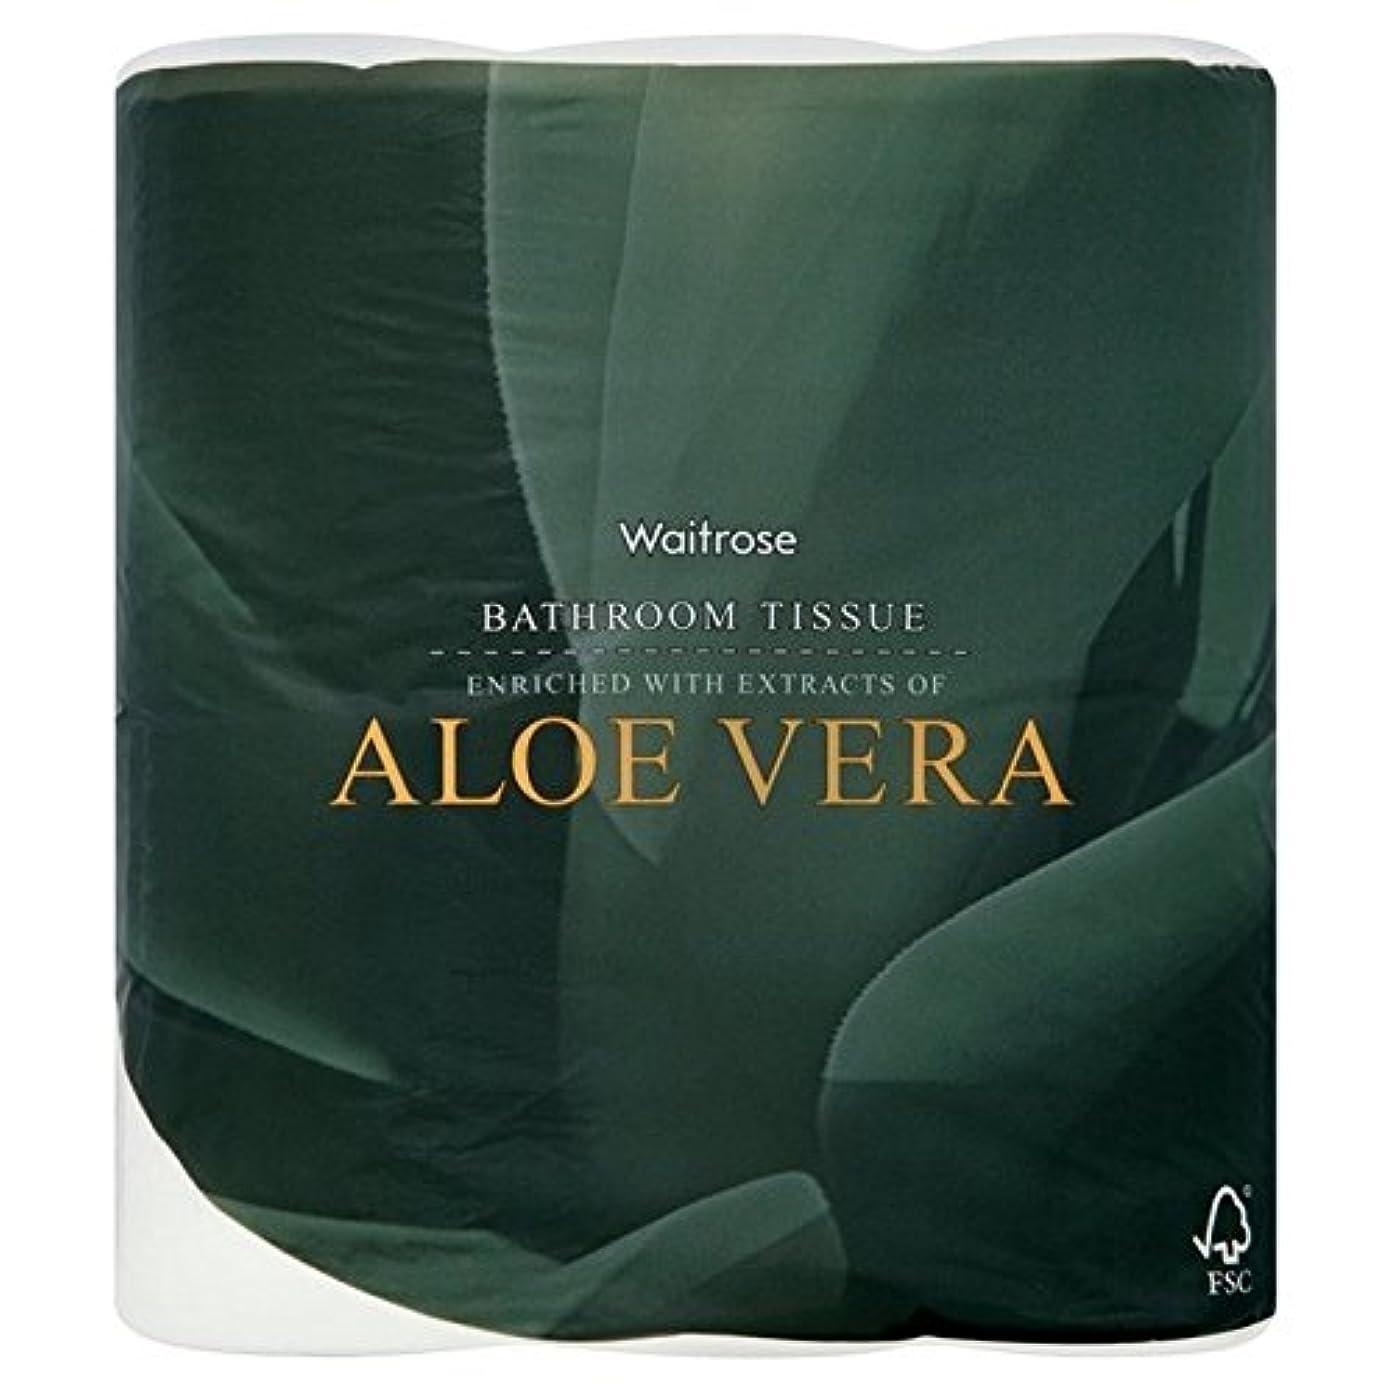 ピアースオフェンスプロフェッショナルAloe Vera Bathroom Tissue White Waitrose 4 per pack (Pack of 6) - パックあたりアロエベラ浴室組織白ウェイトローズ4 x6 [並行輸入品]